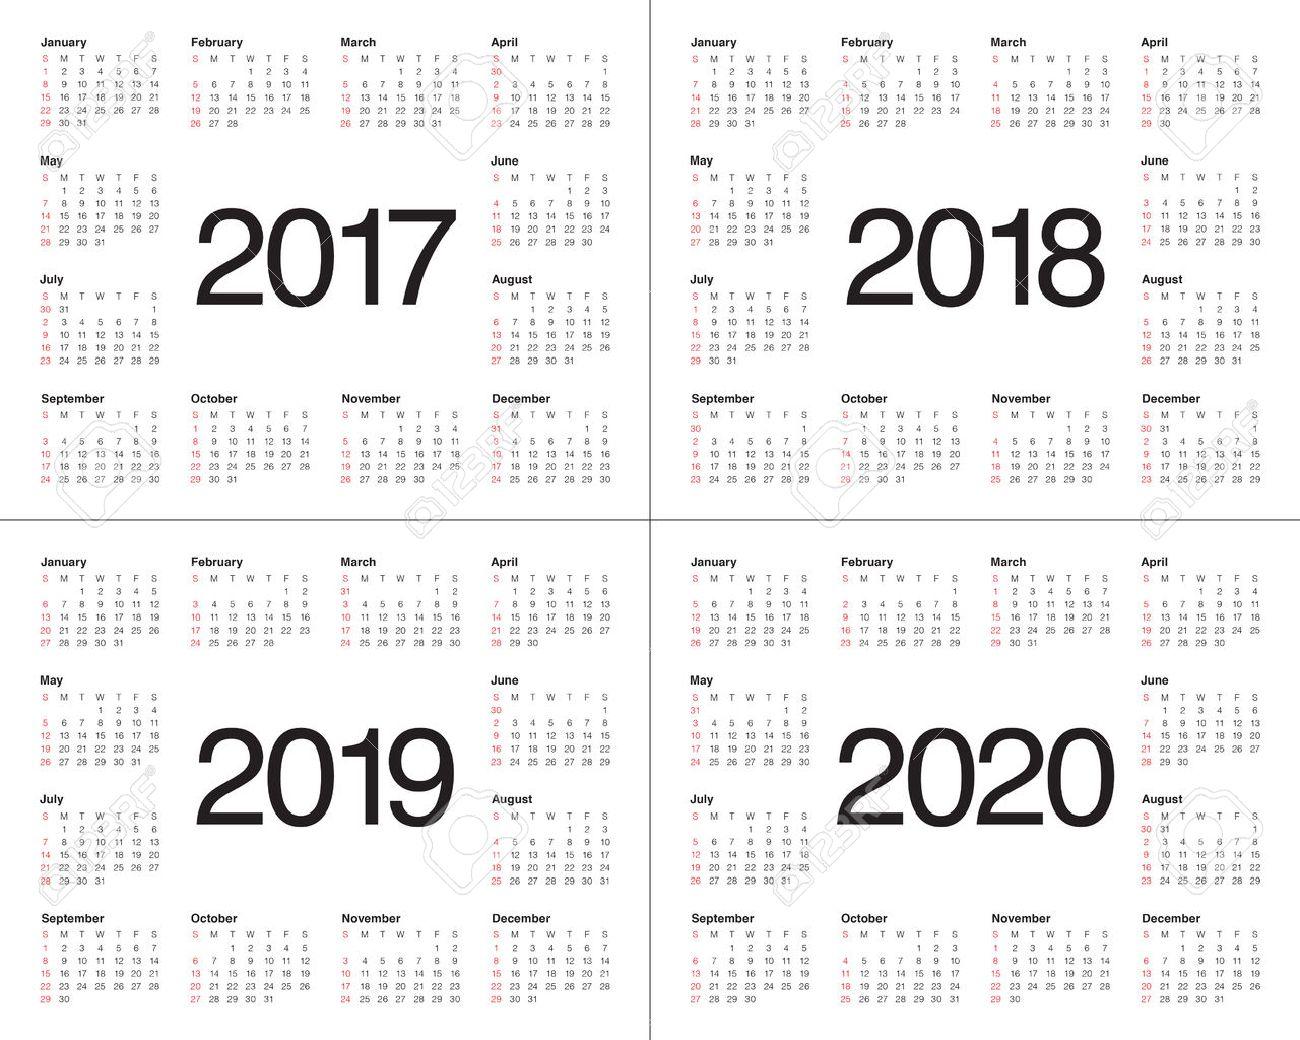 Einfacher Kalender-Vorlage Für 2017, 2018, 2019 Und 2020 Lizenzfrei ...